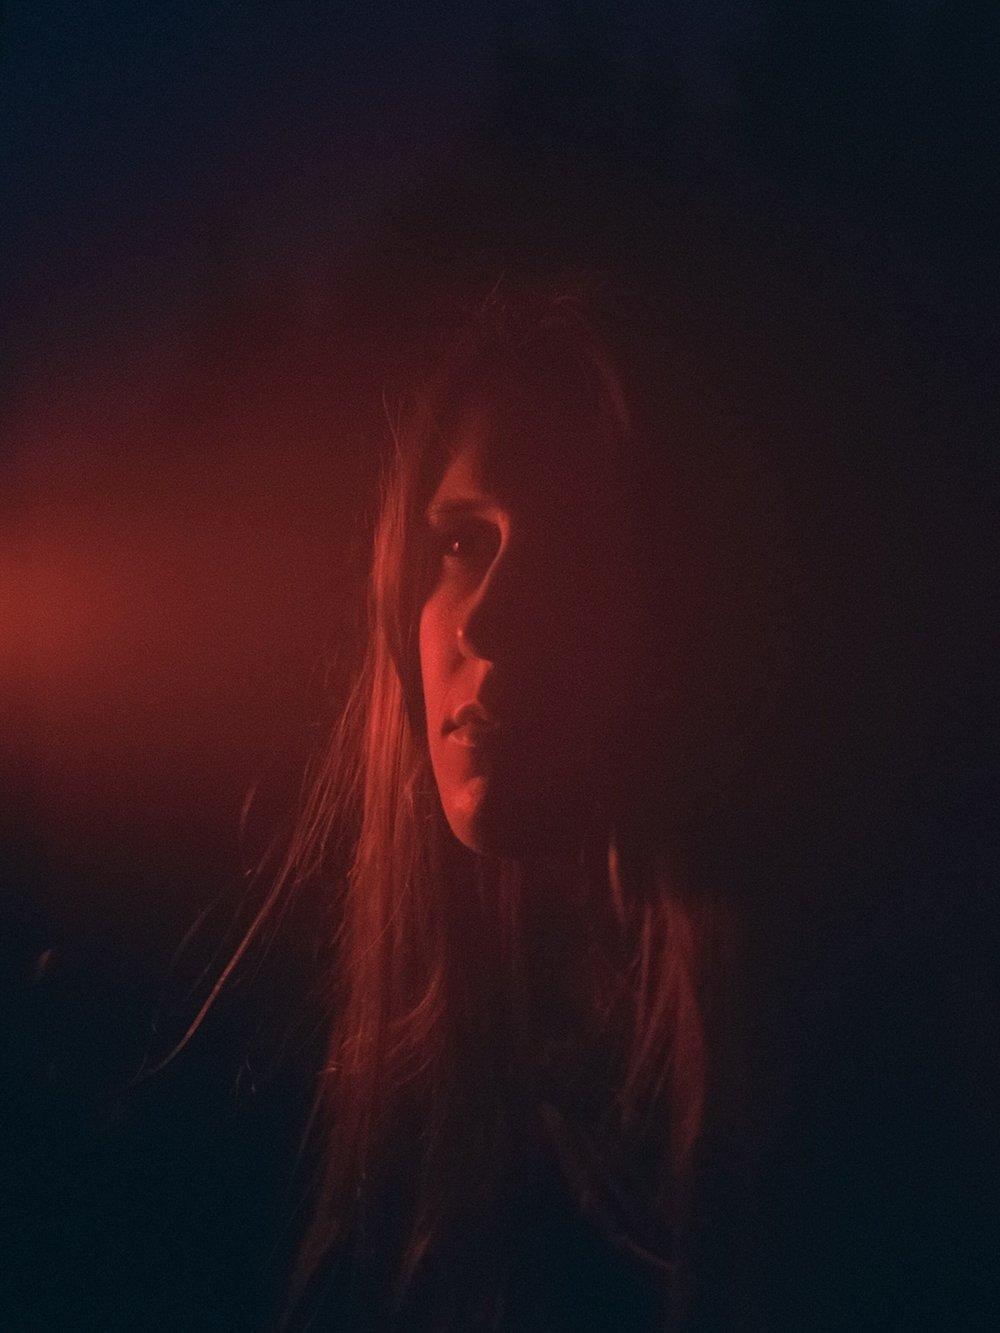 Photo: Elize Strydom